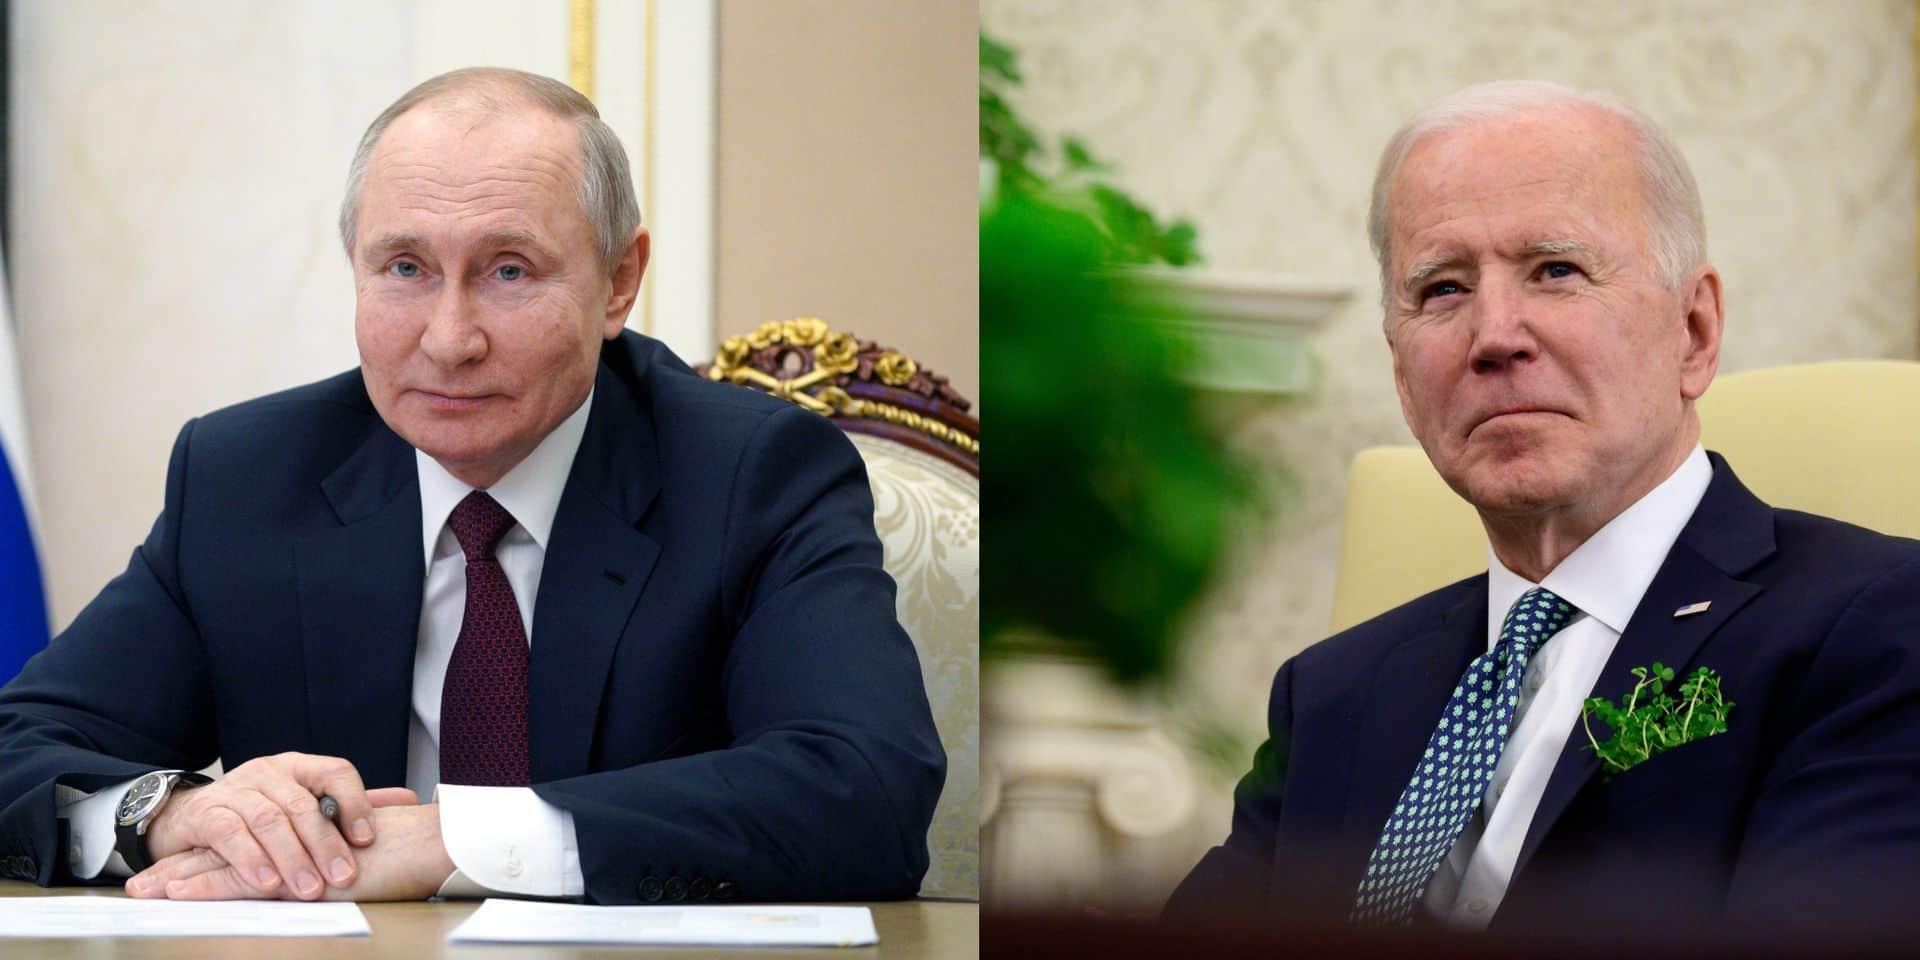 """Poutine propose à Biden une discussion diffusée """"en direct"""", Biden ne regrette pas de l'avoir qualifié de """"tueur"""""""